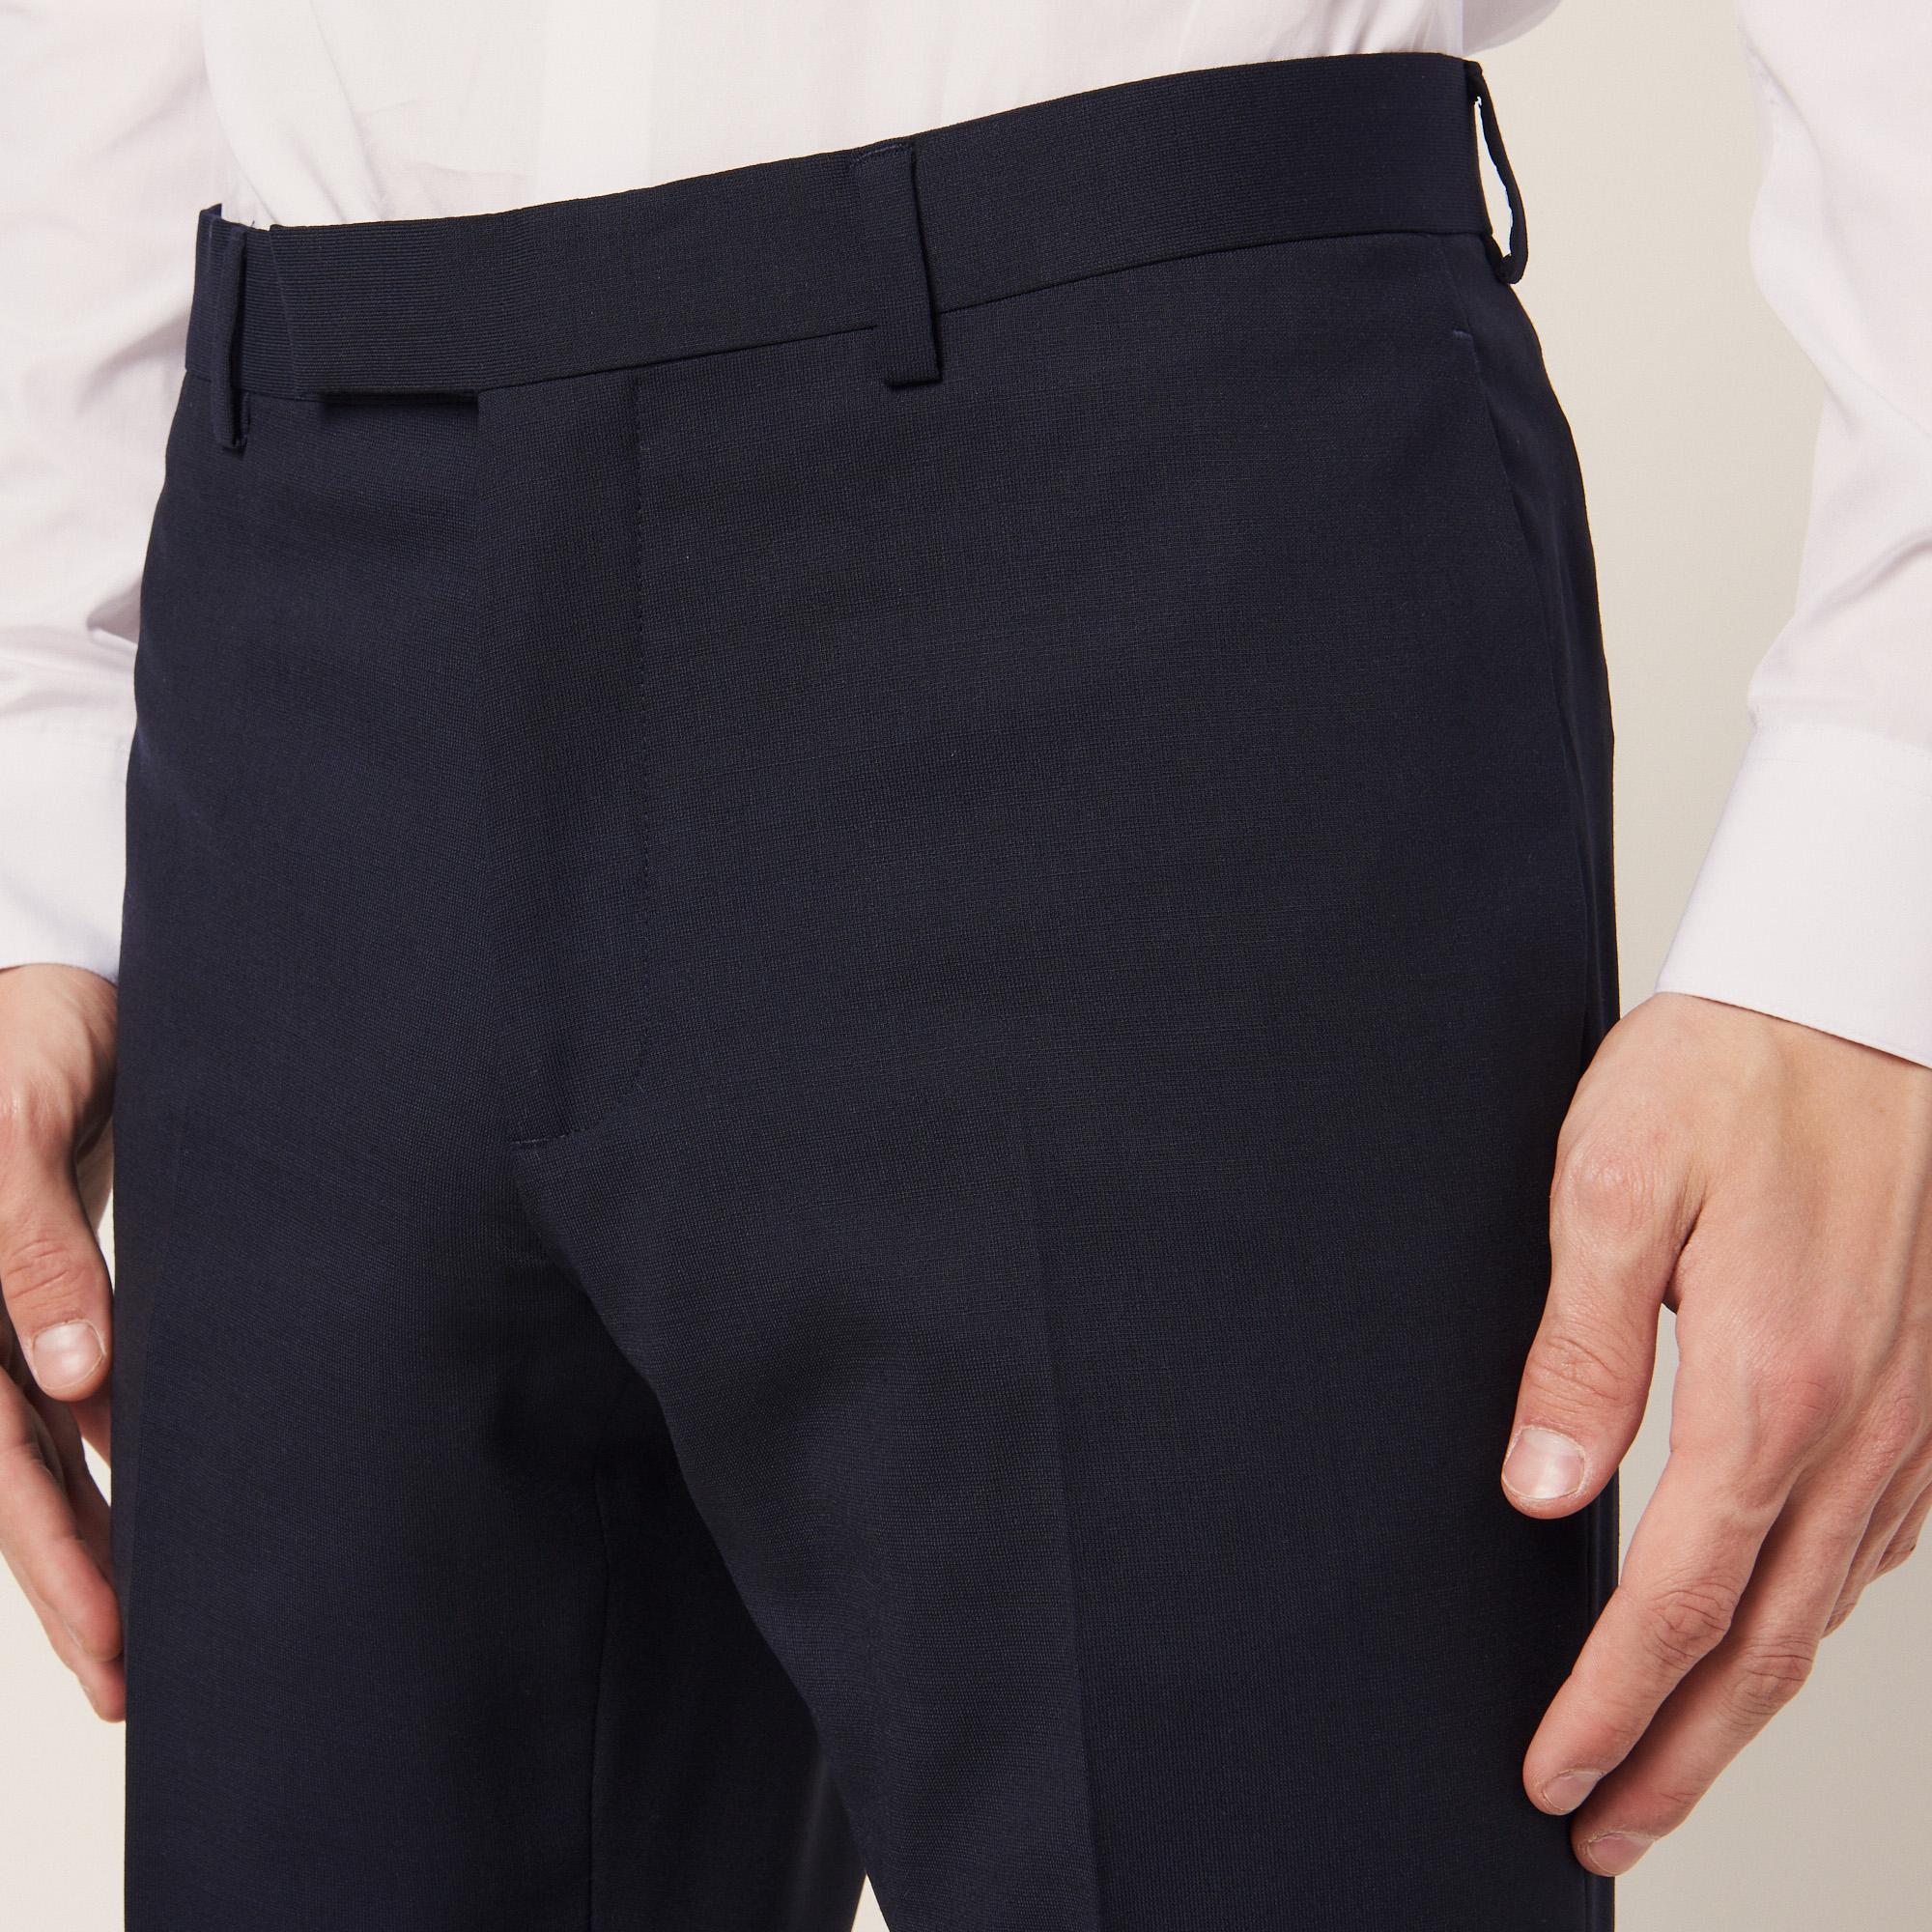 pantalon de costume slim fit en laine p5766s costumes smokings sandro paris. Black Bedroom Furniture Sets. Home Design Ideas